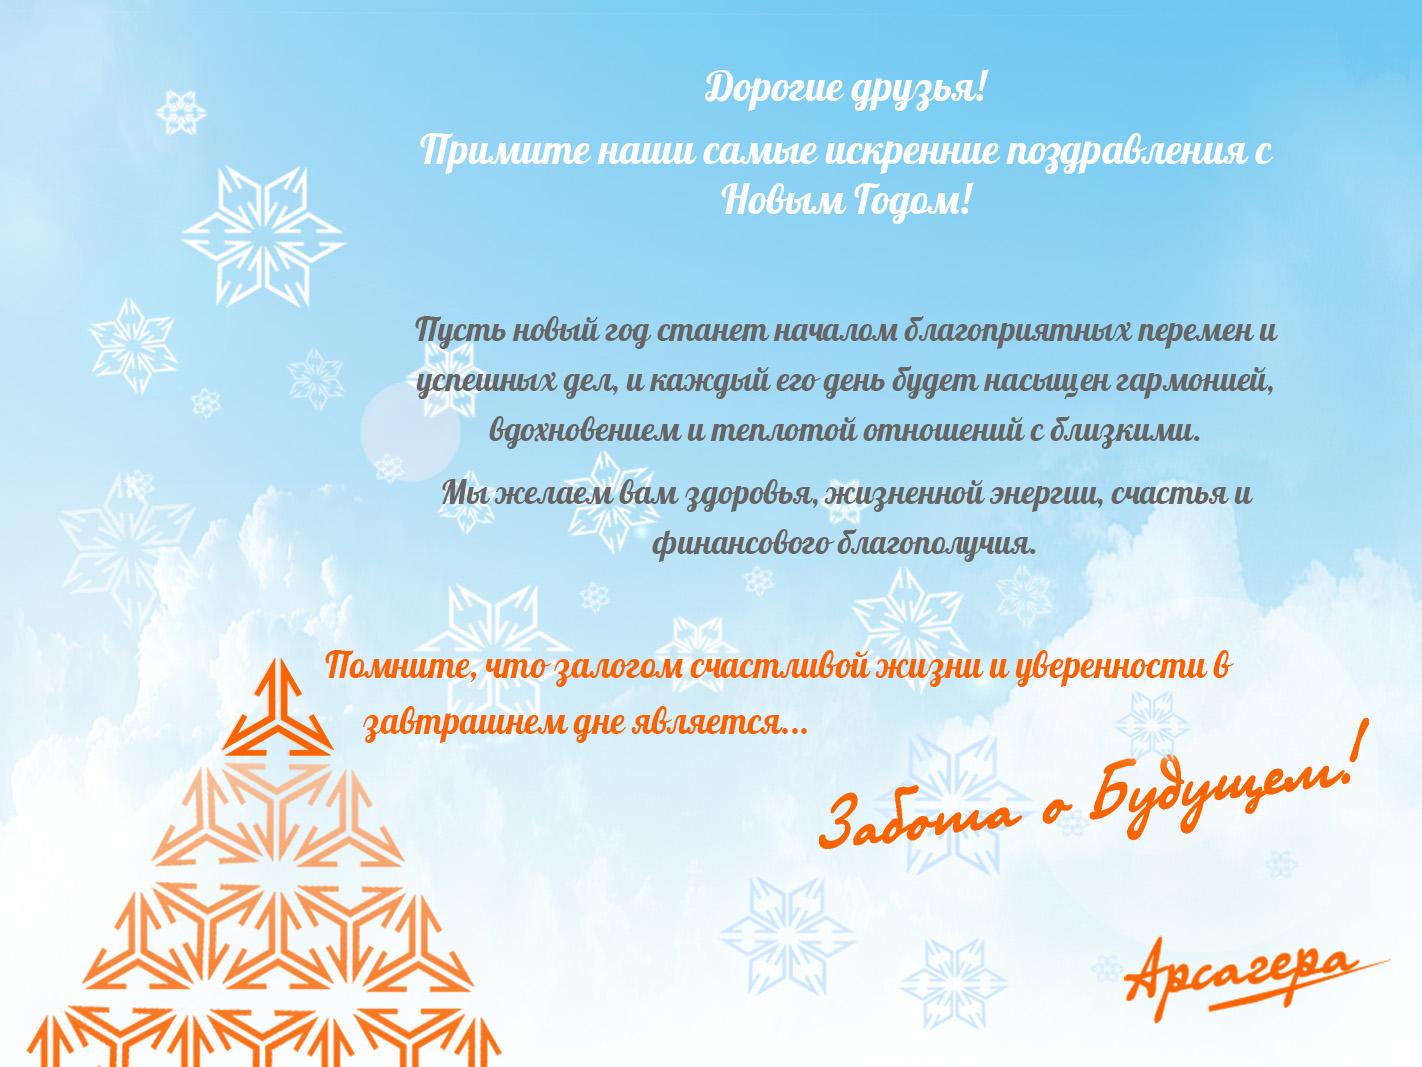 деревянных поздравление с новым годом от управляющей компании жителям в стихах официально профессиональные